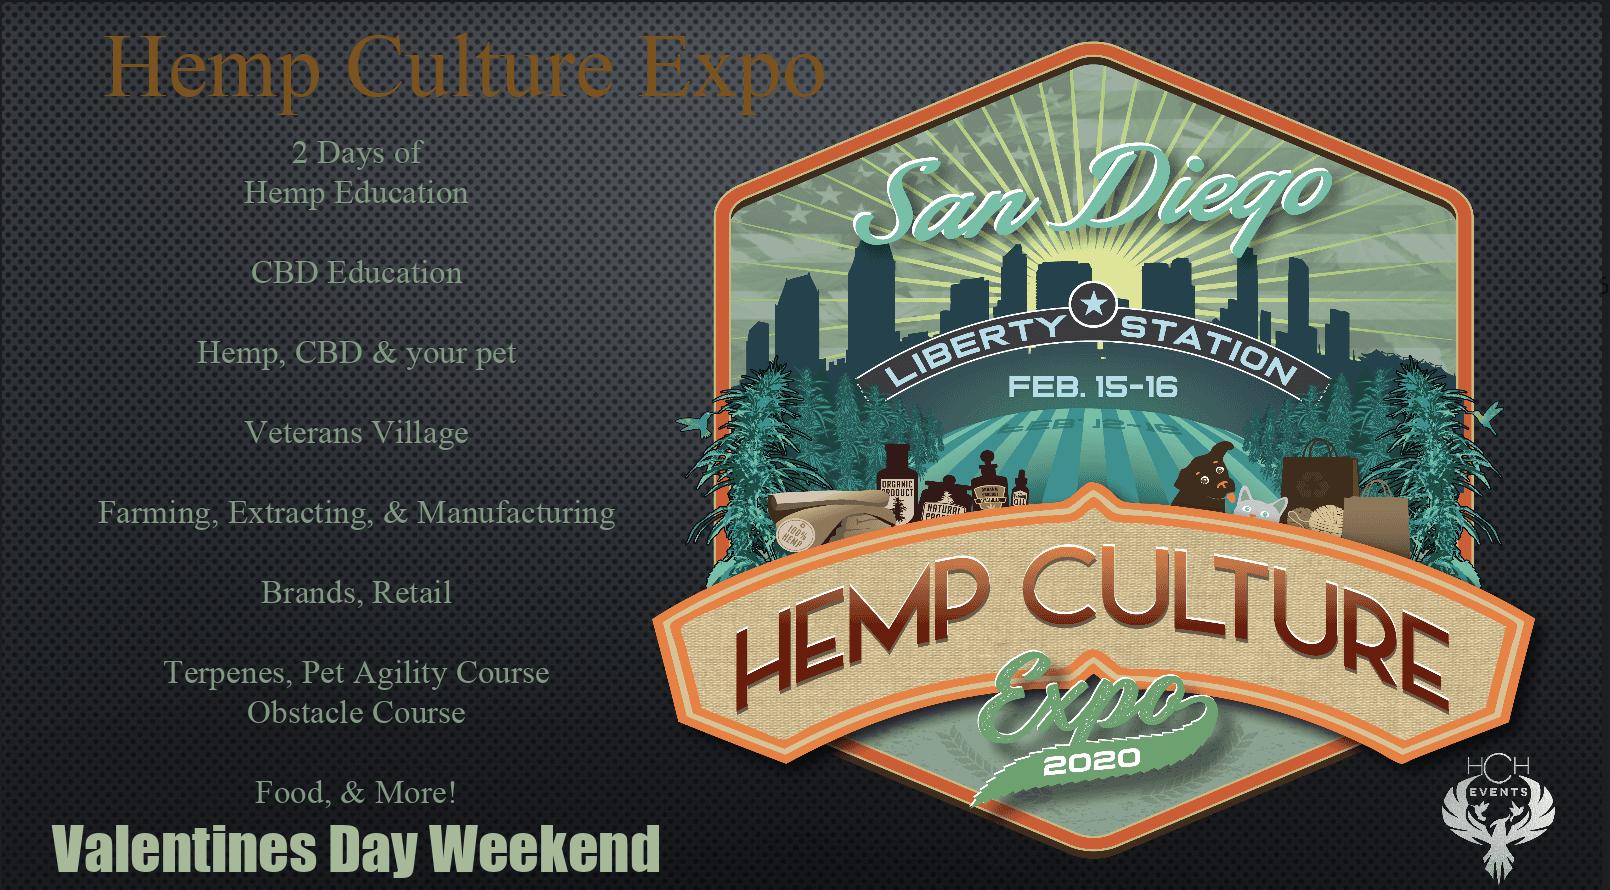 Hemp Culture Expo (Sponsorship)